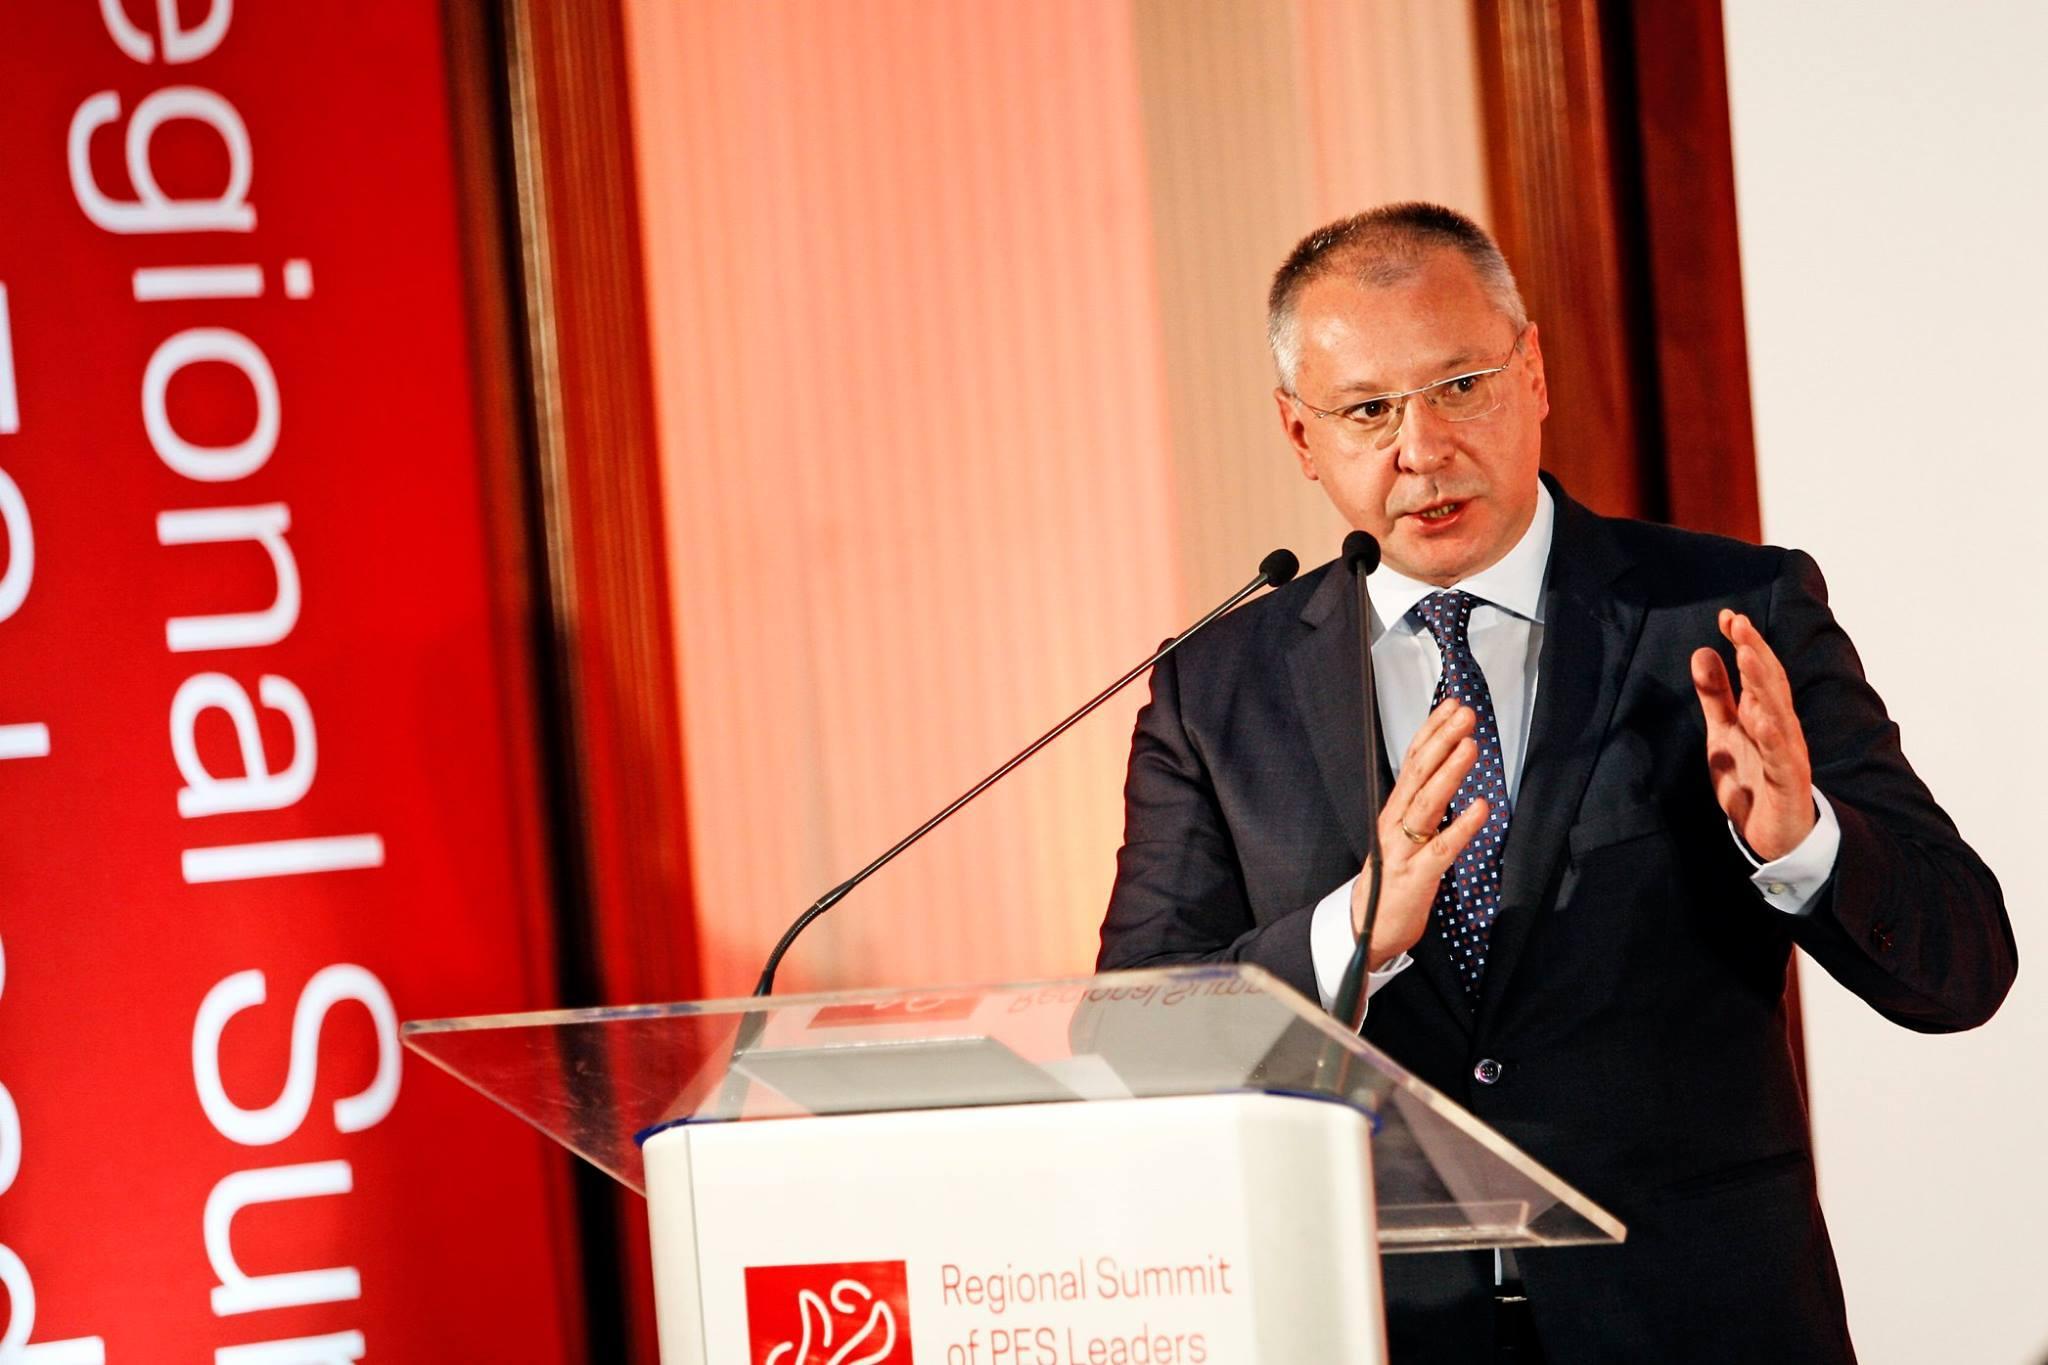 Станишев: Албания и Македония да започнат преговори за ЕС